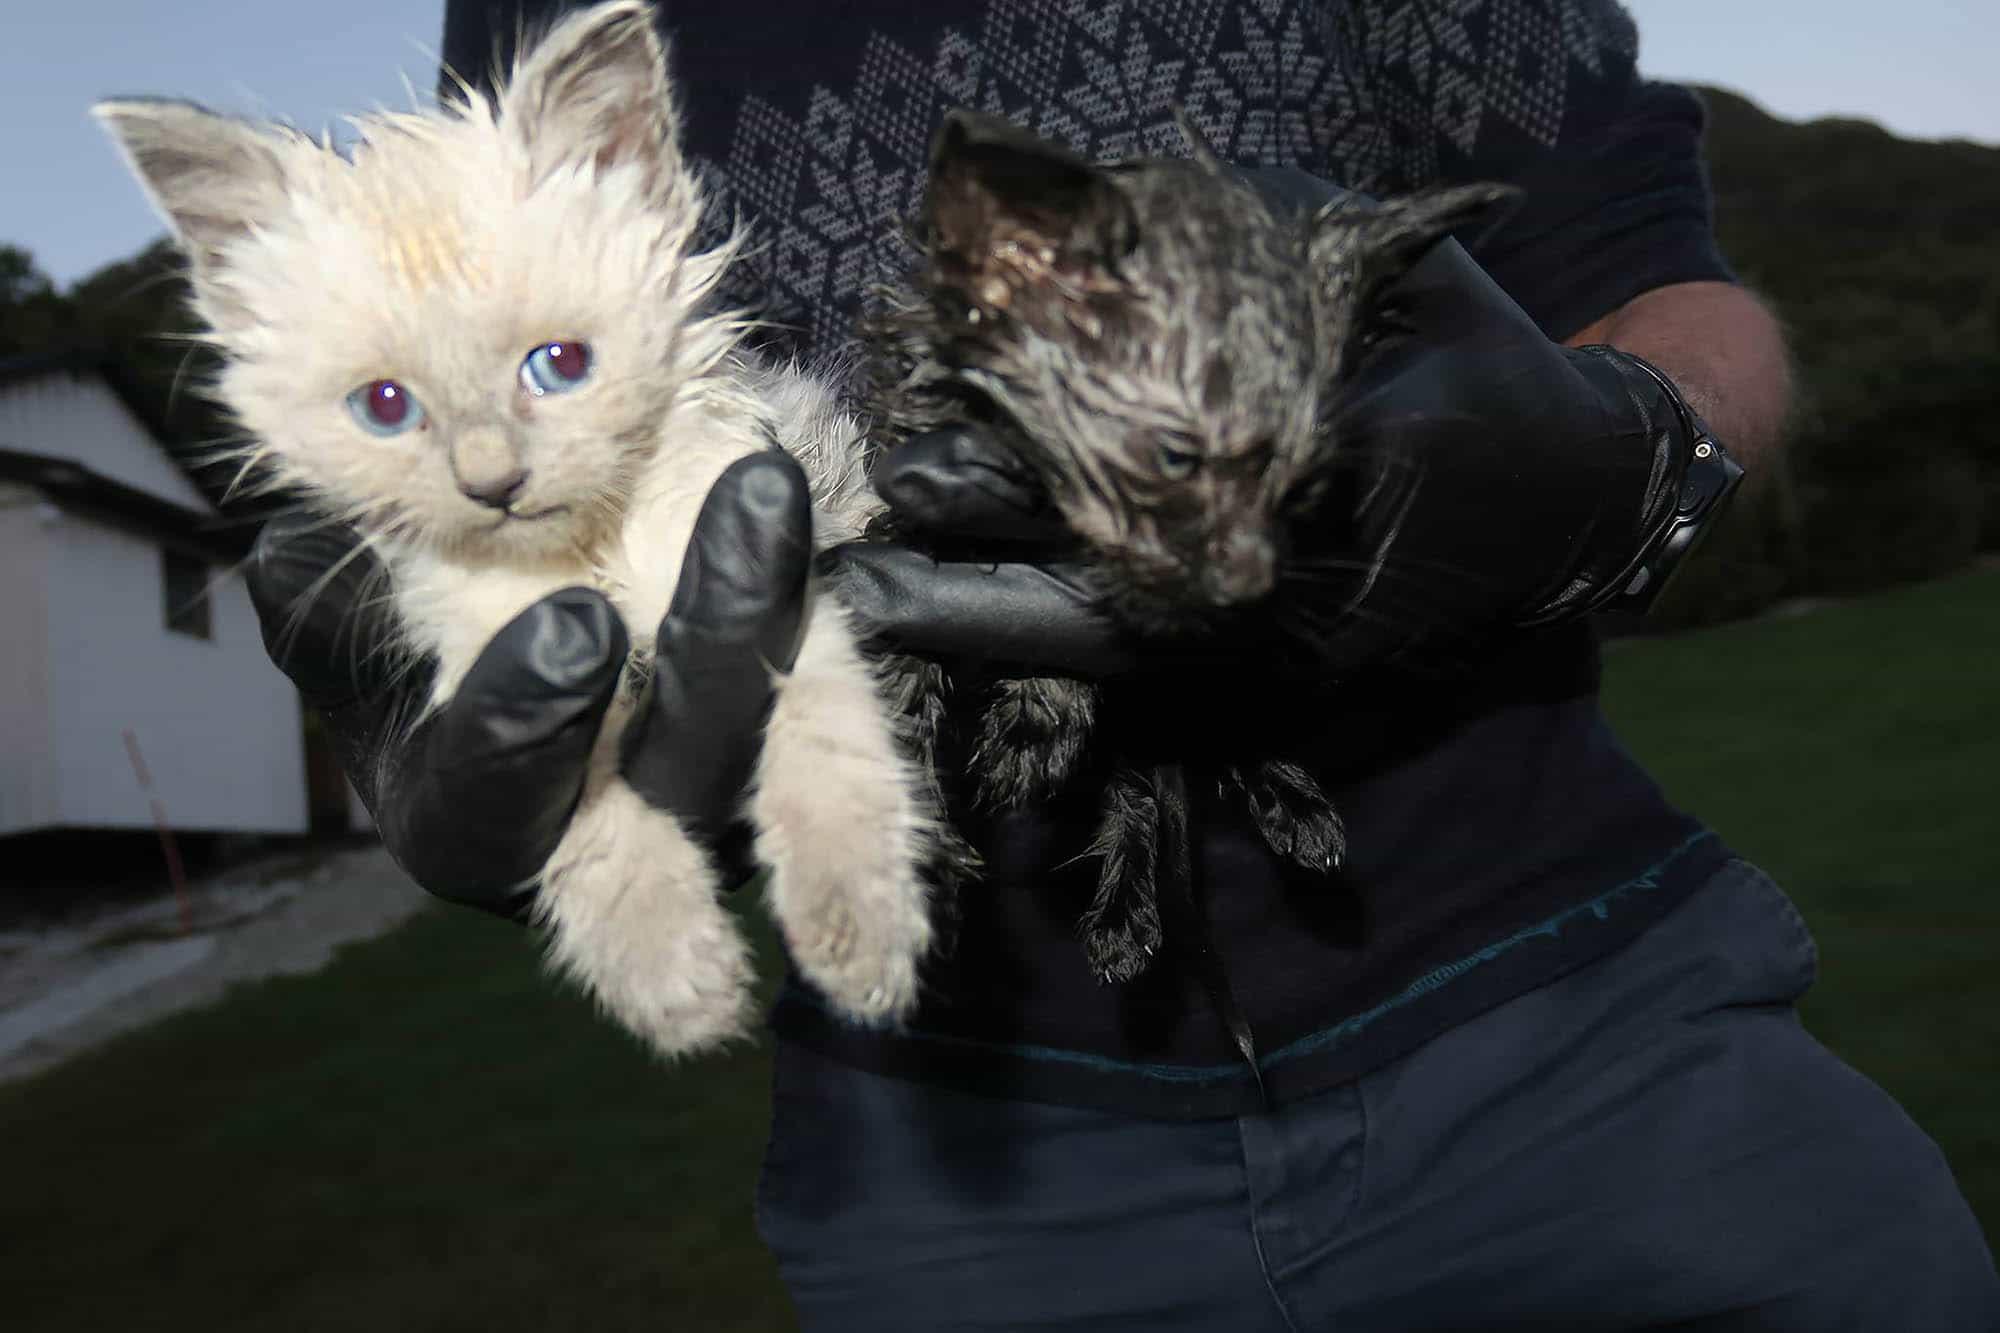 Dumpet kattunger Foto Dyrebeskyttelsen Norge Sogn og Fjordane